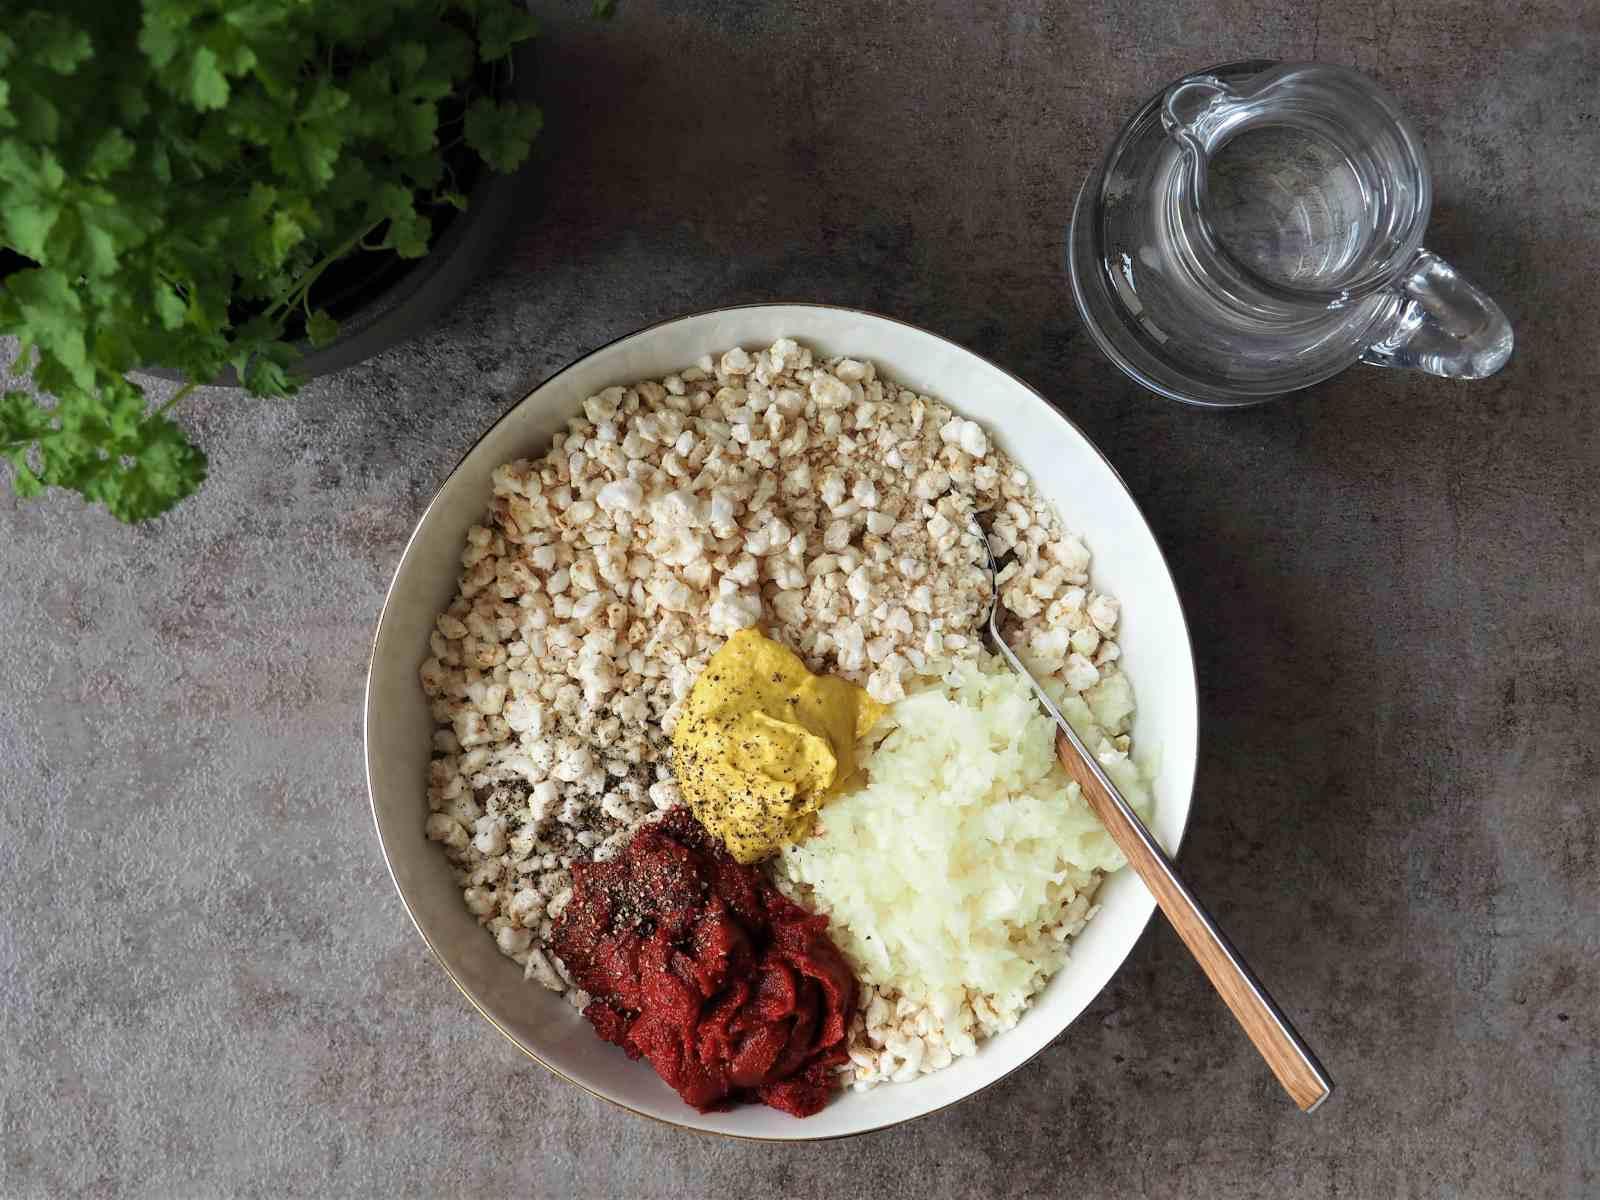 Zutaten veganer Brotaufstrich nach Mett-Art in Schüssel